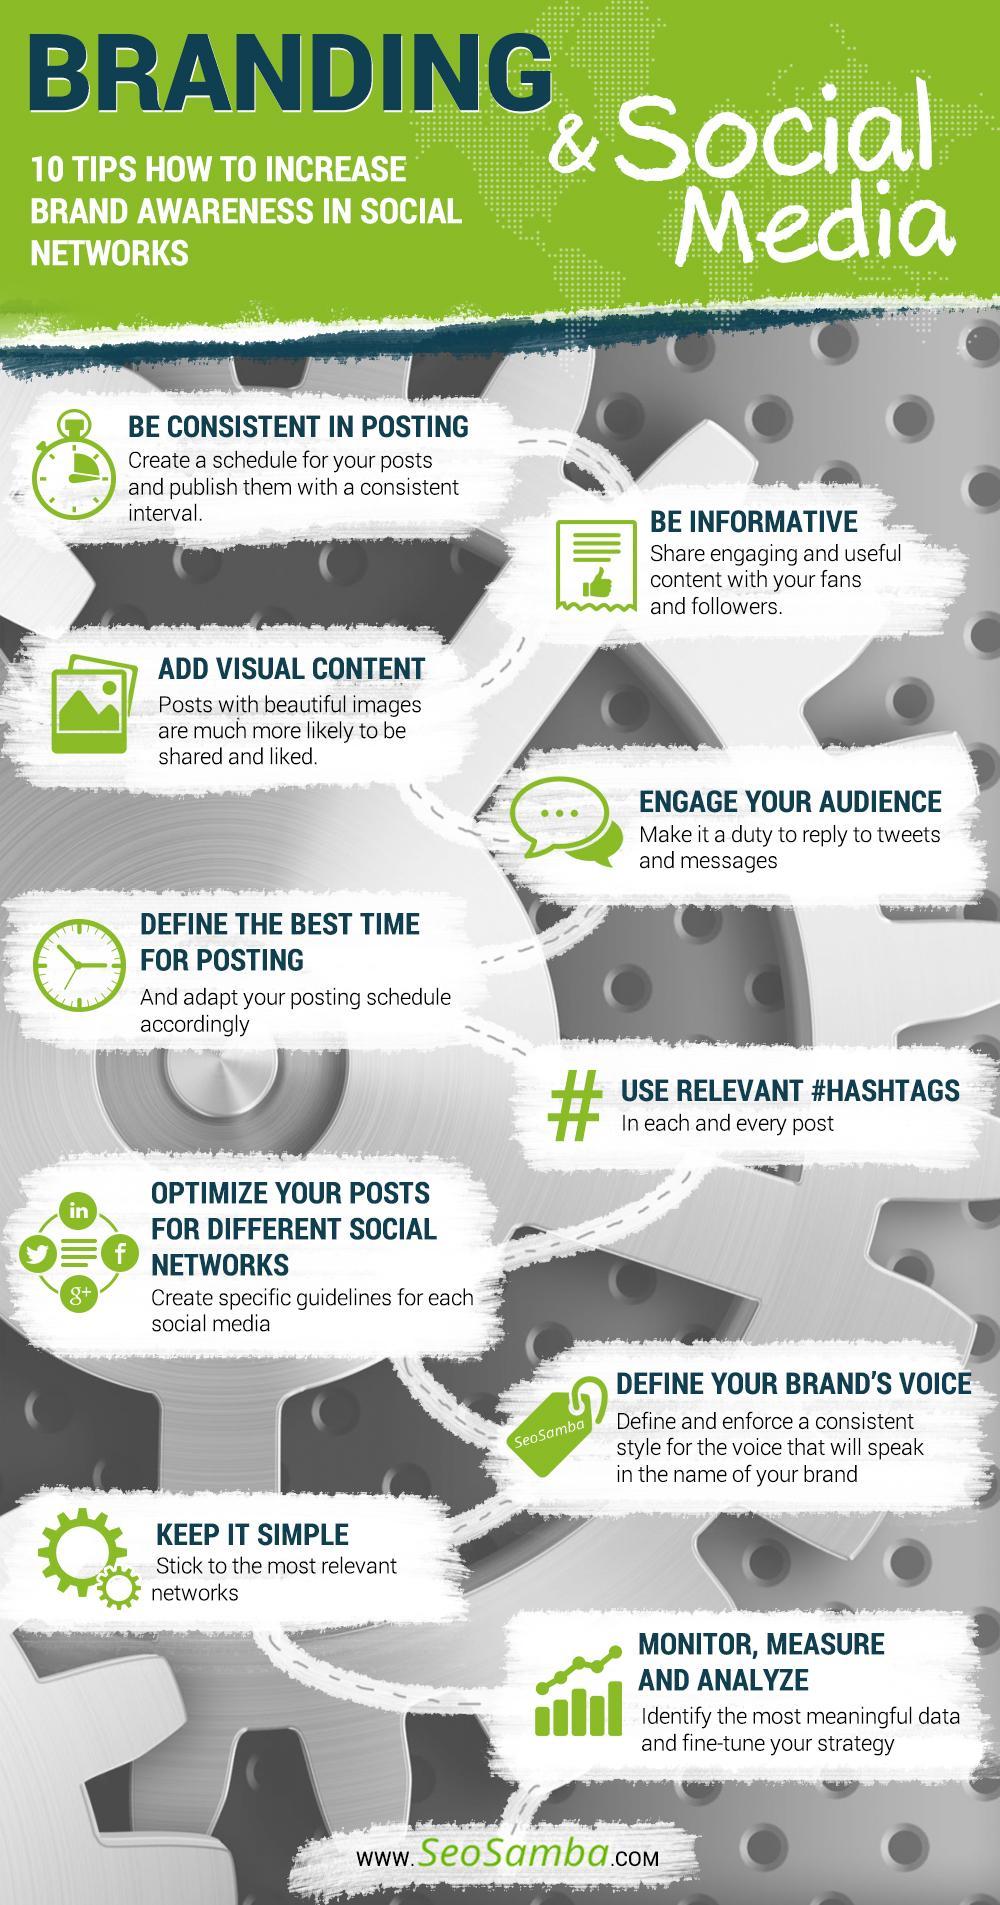 social_media_marketingforbrandsseosamba